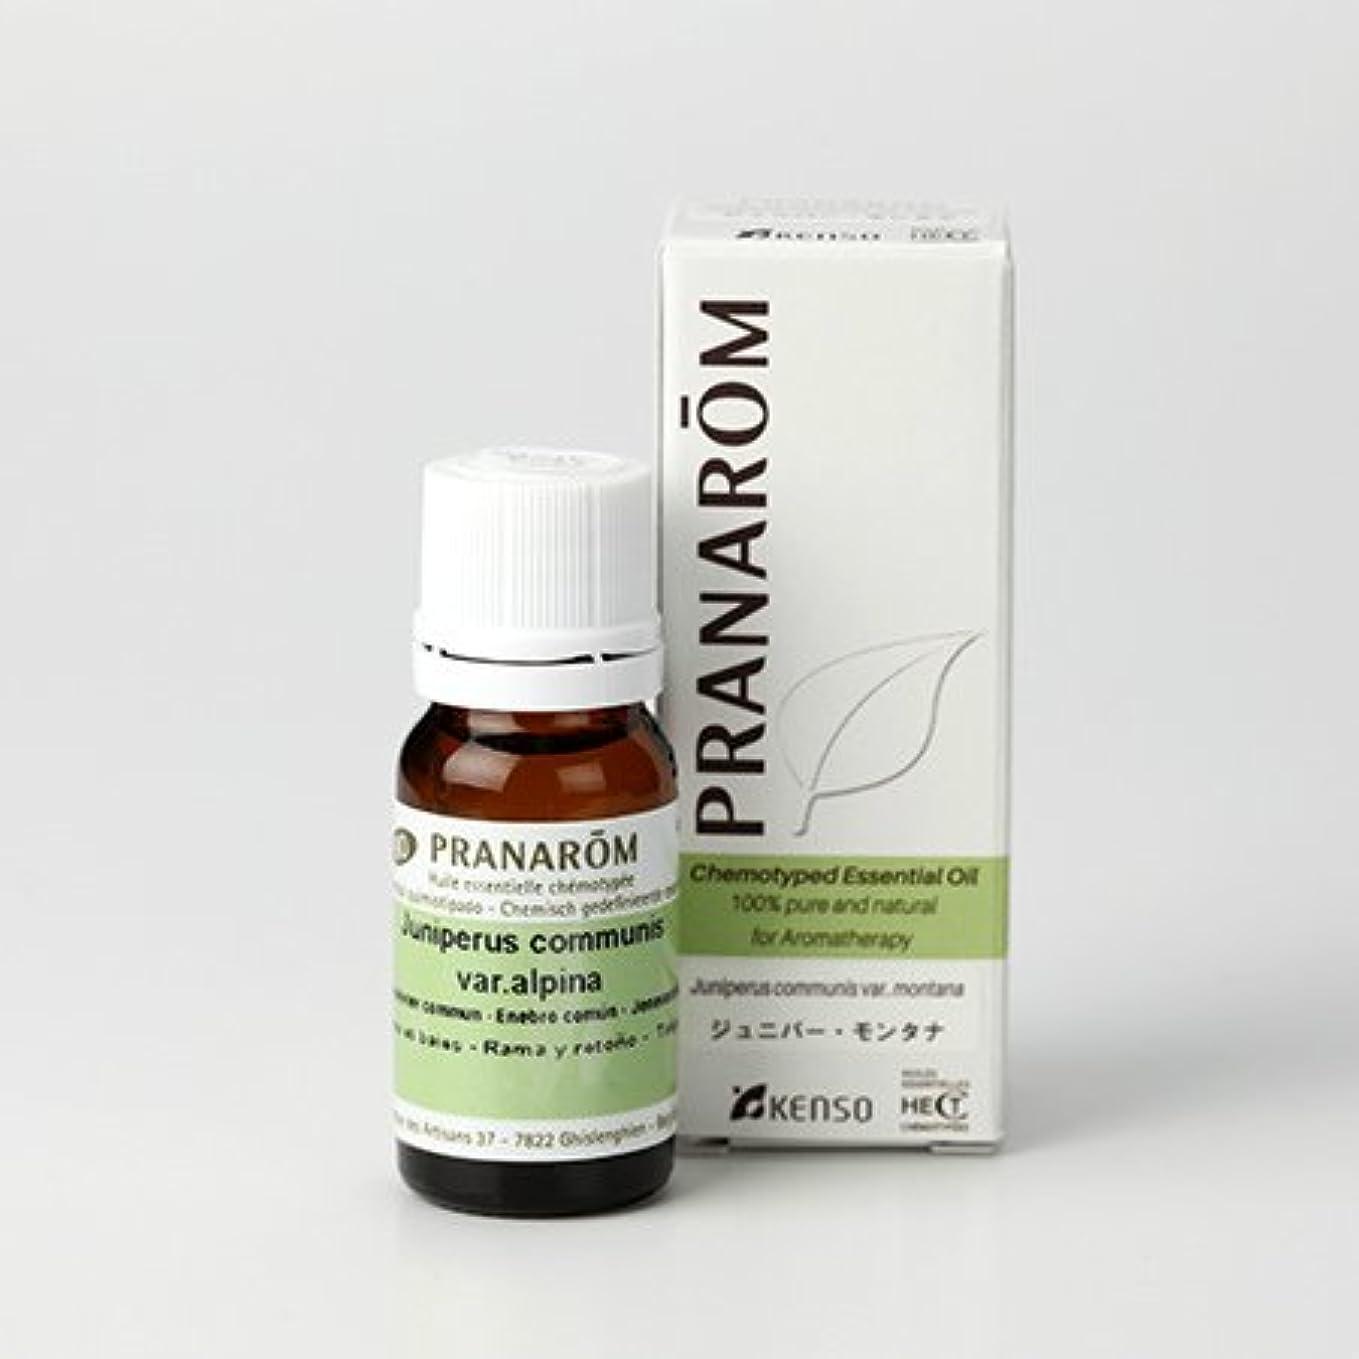 軽減する十分な男やもめプラナロム ジュニパーモンタナ 10ml (PRANAROM ケモタイプ精油)